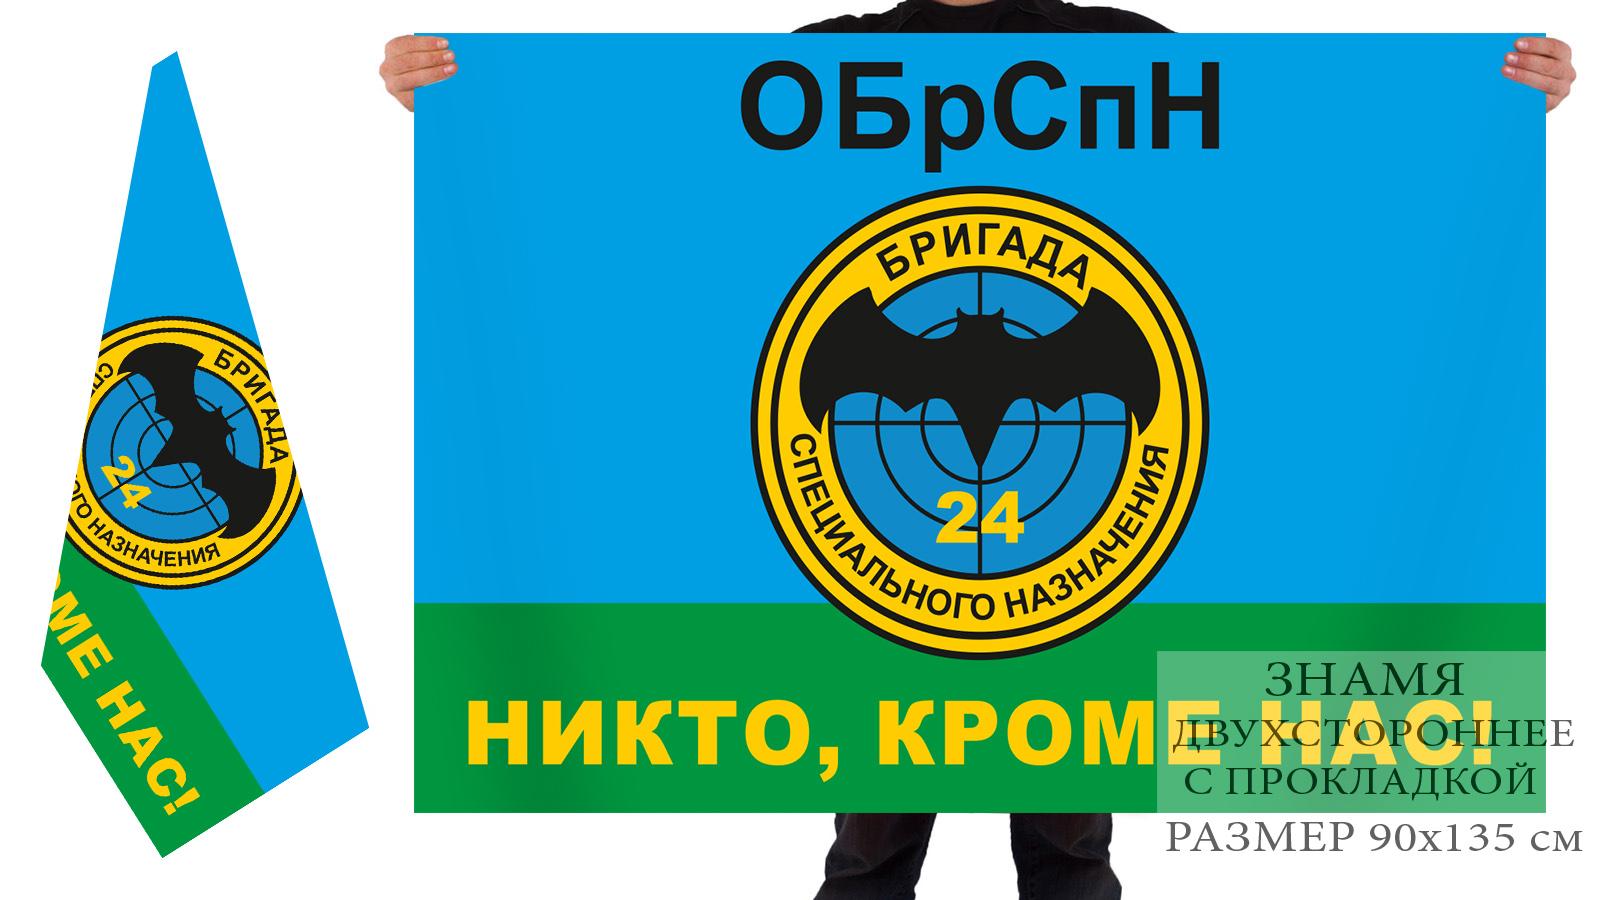 Двусторонний флаг 24 бригады спецназа